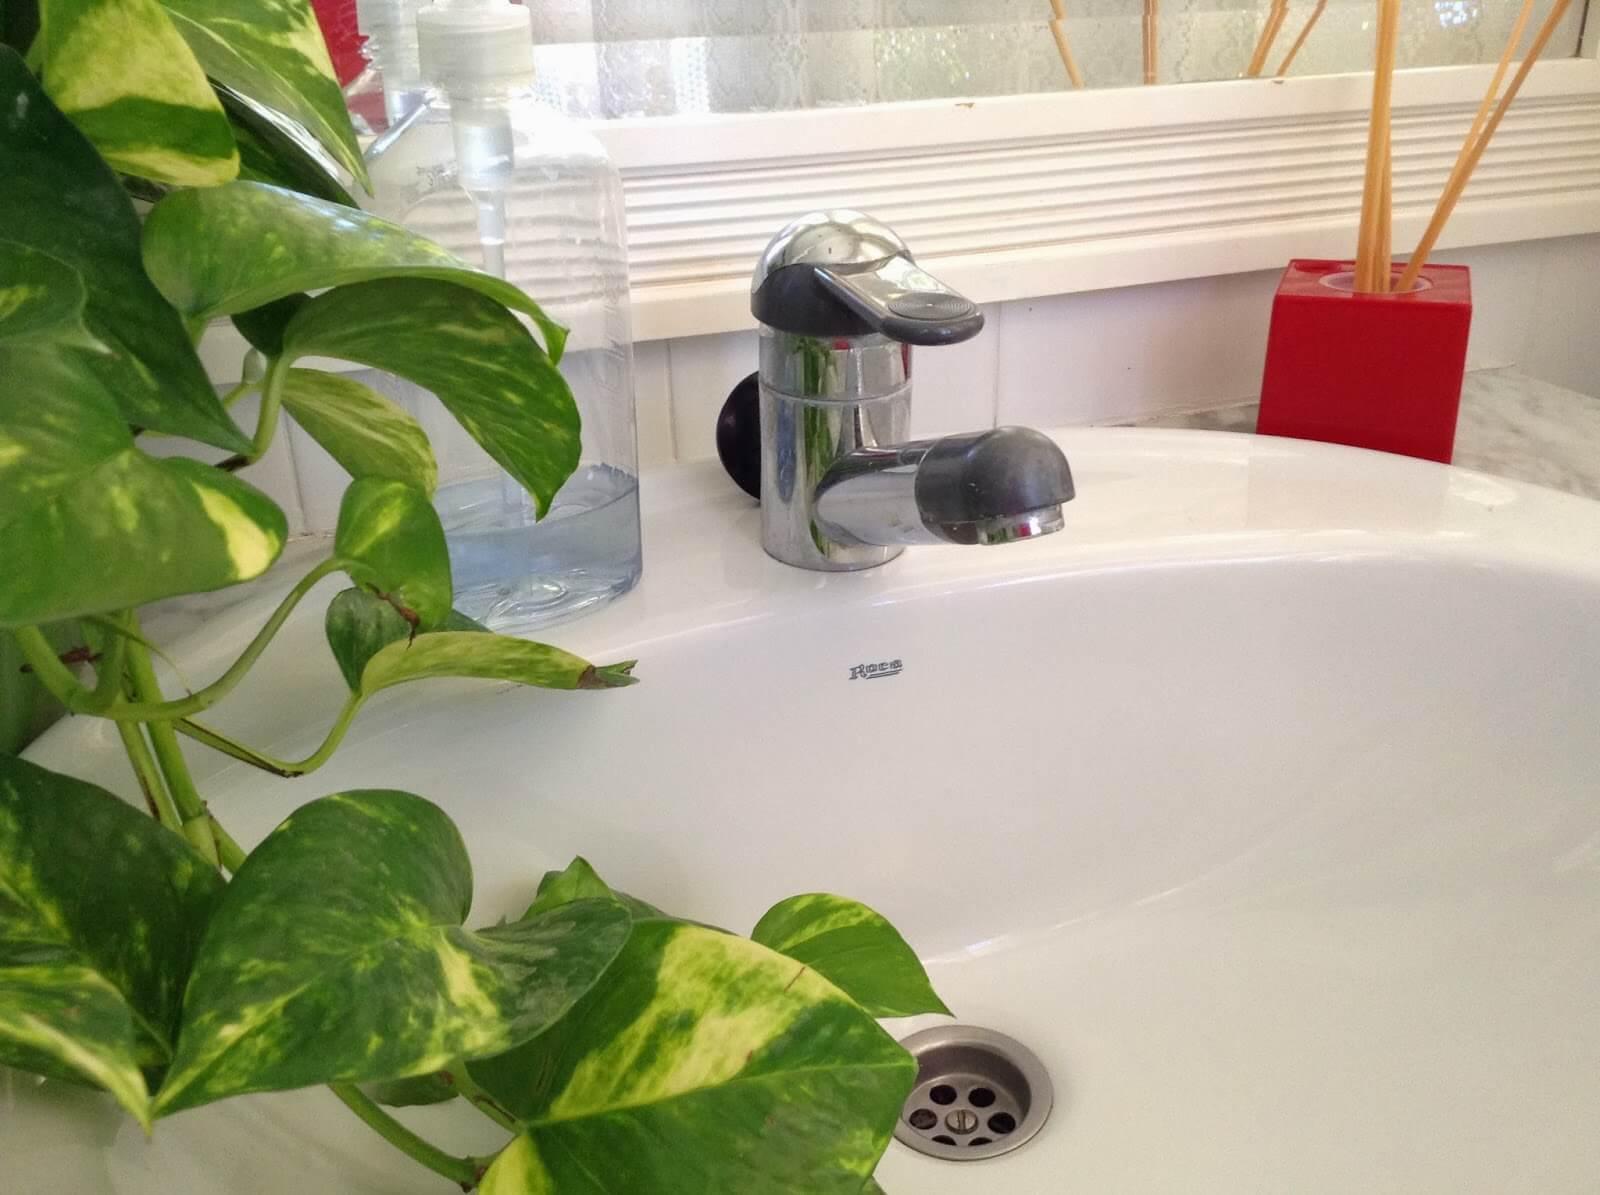 Cómo eliminar el mal olor de las cañerías en el hogar